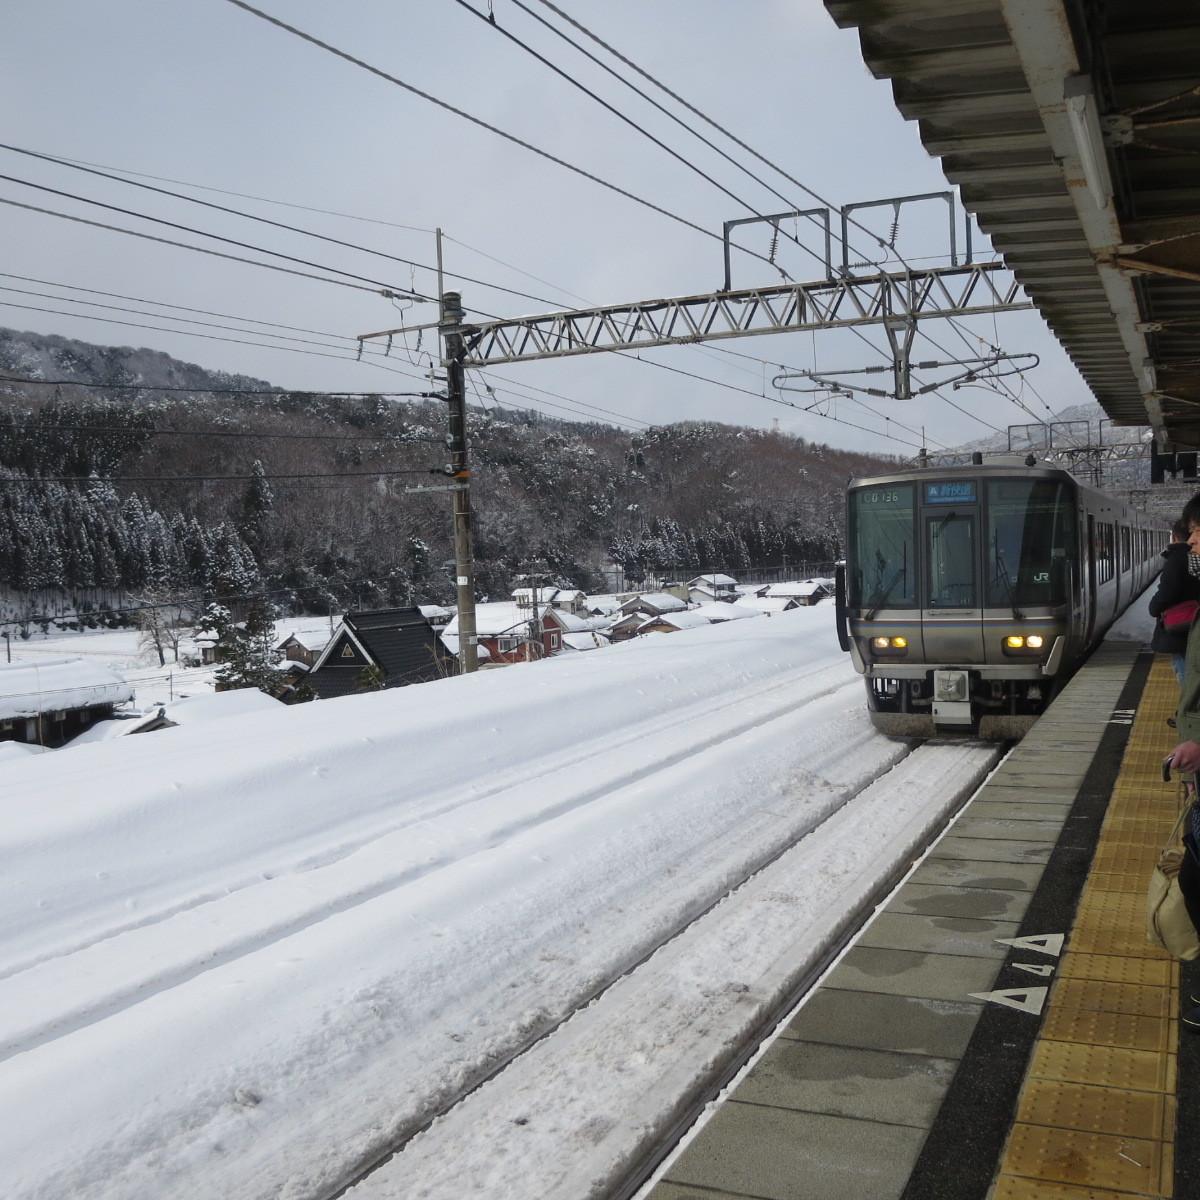 突然ですが雪景色でお楽しみください_c0001670_20511019.jpg